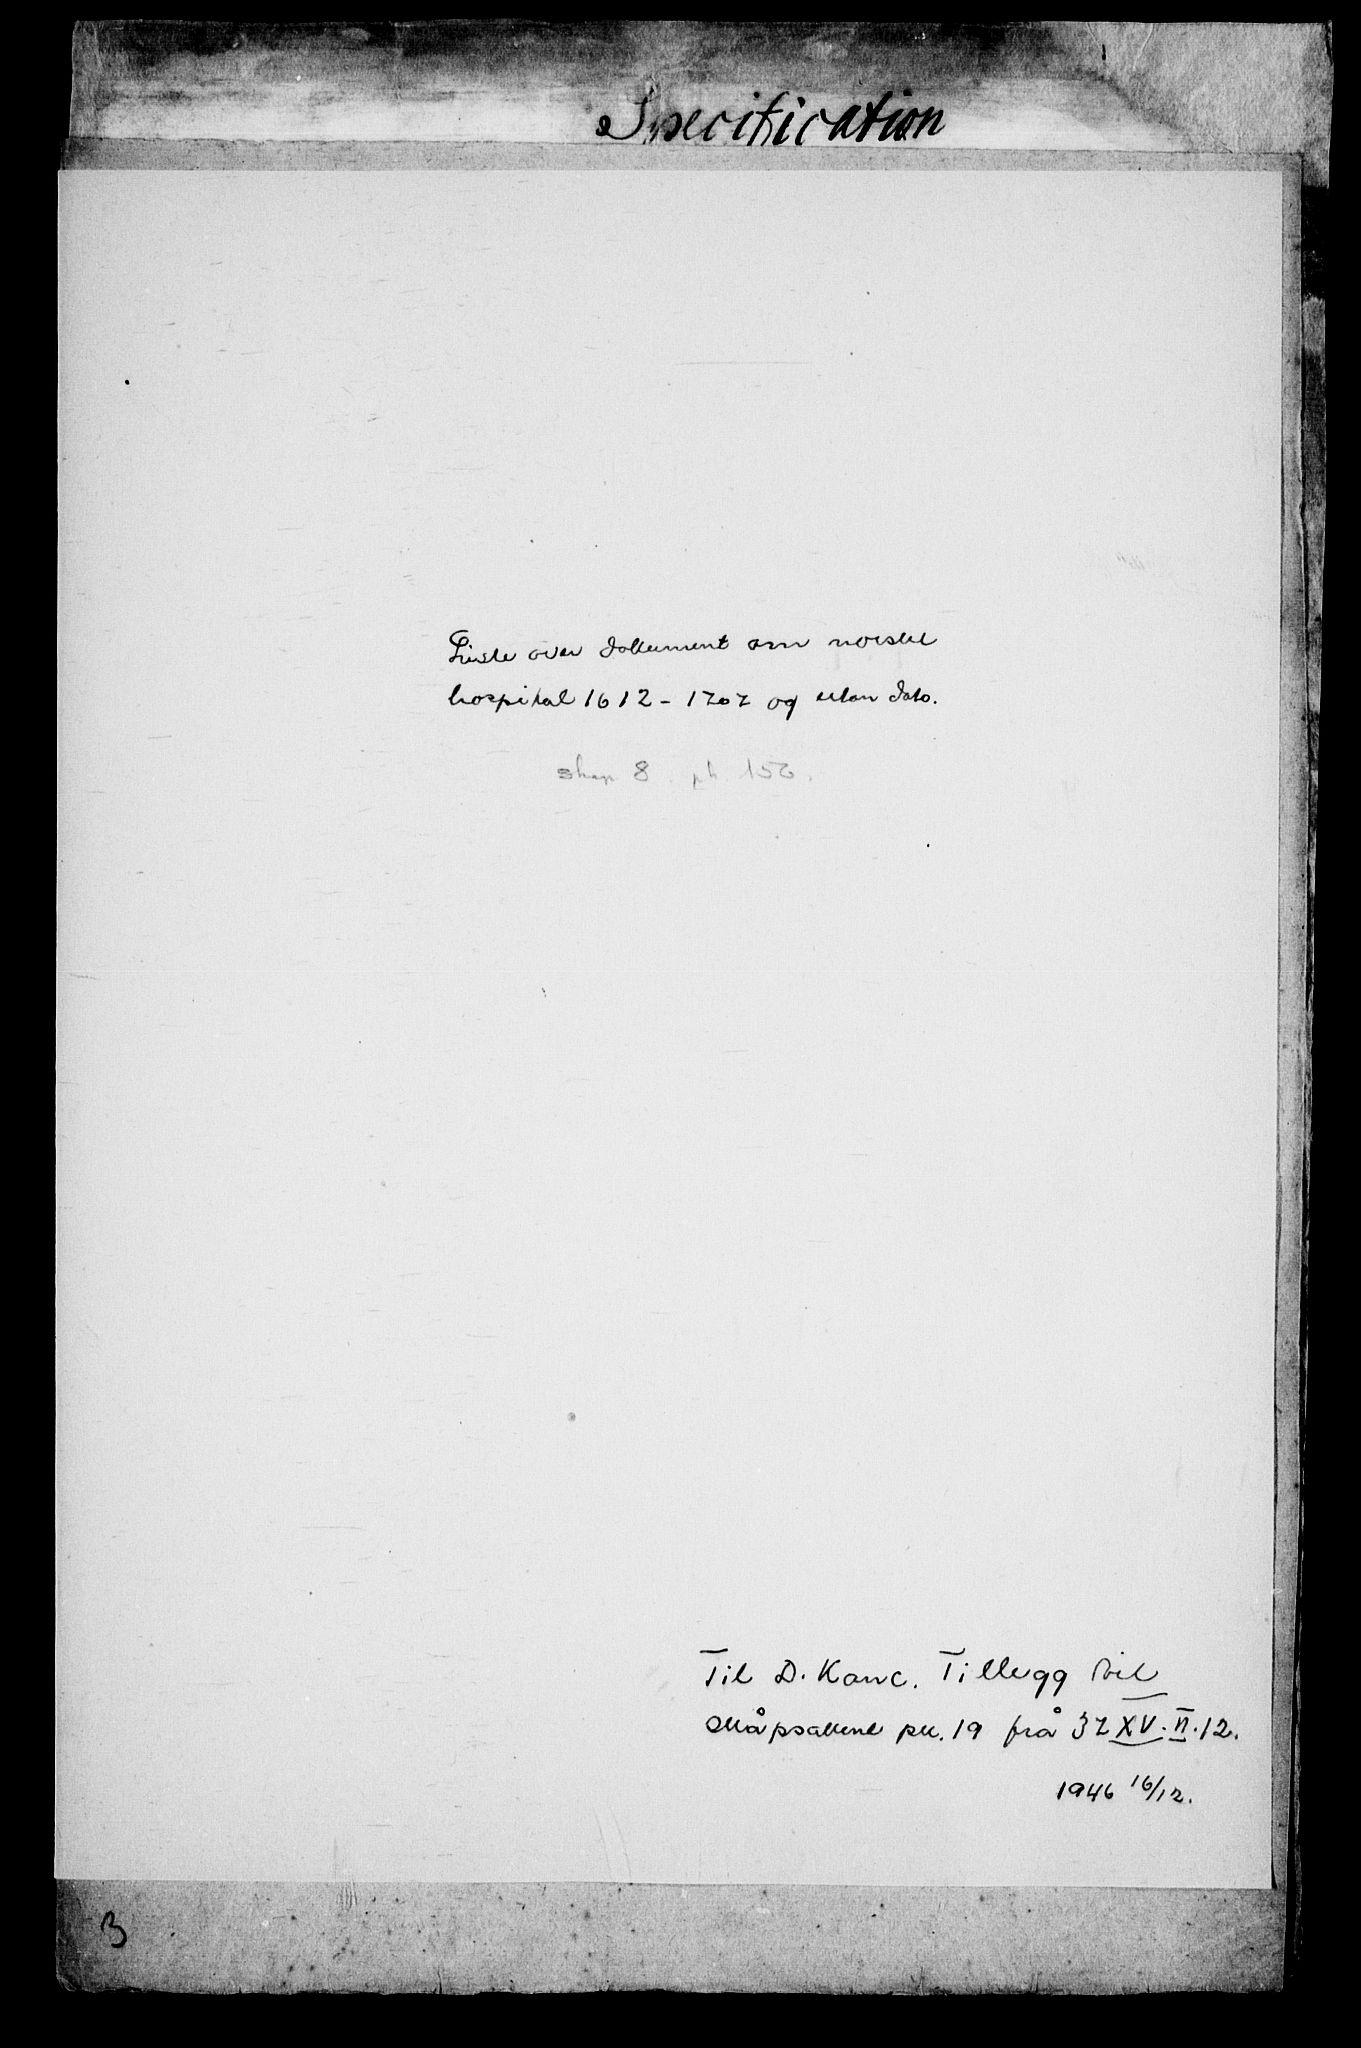 RA, Danske Kanselli, Skapsaker, G/L0019: Tillegg til skapsakene, 1616-1753, s. 376